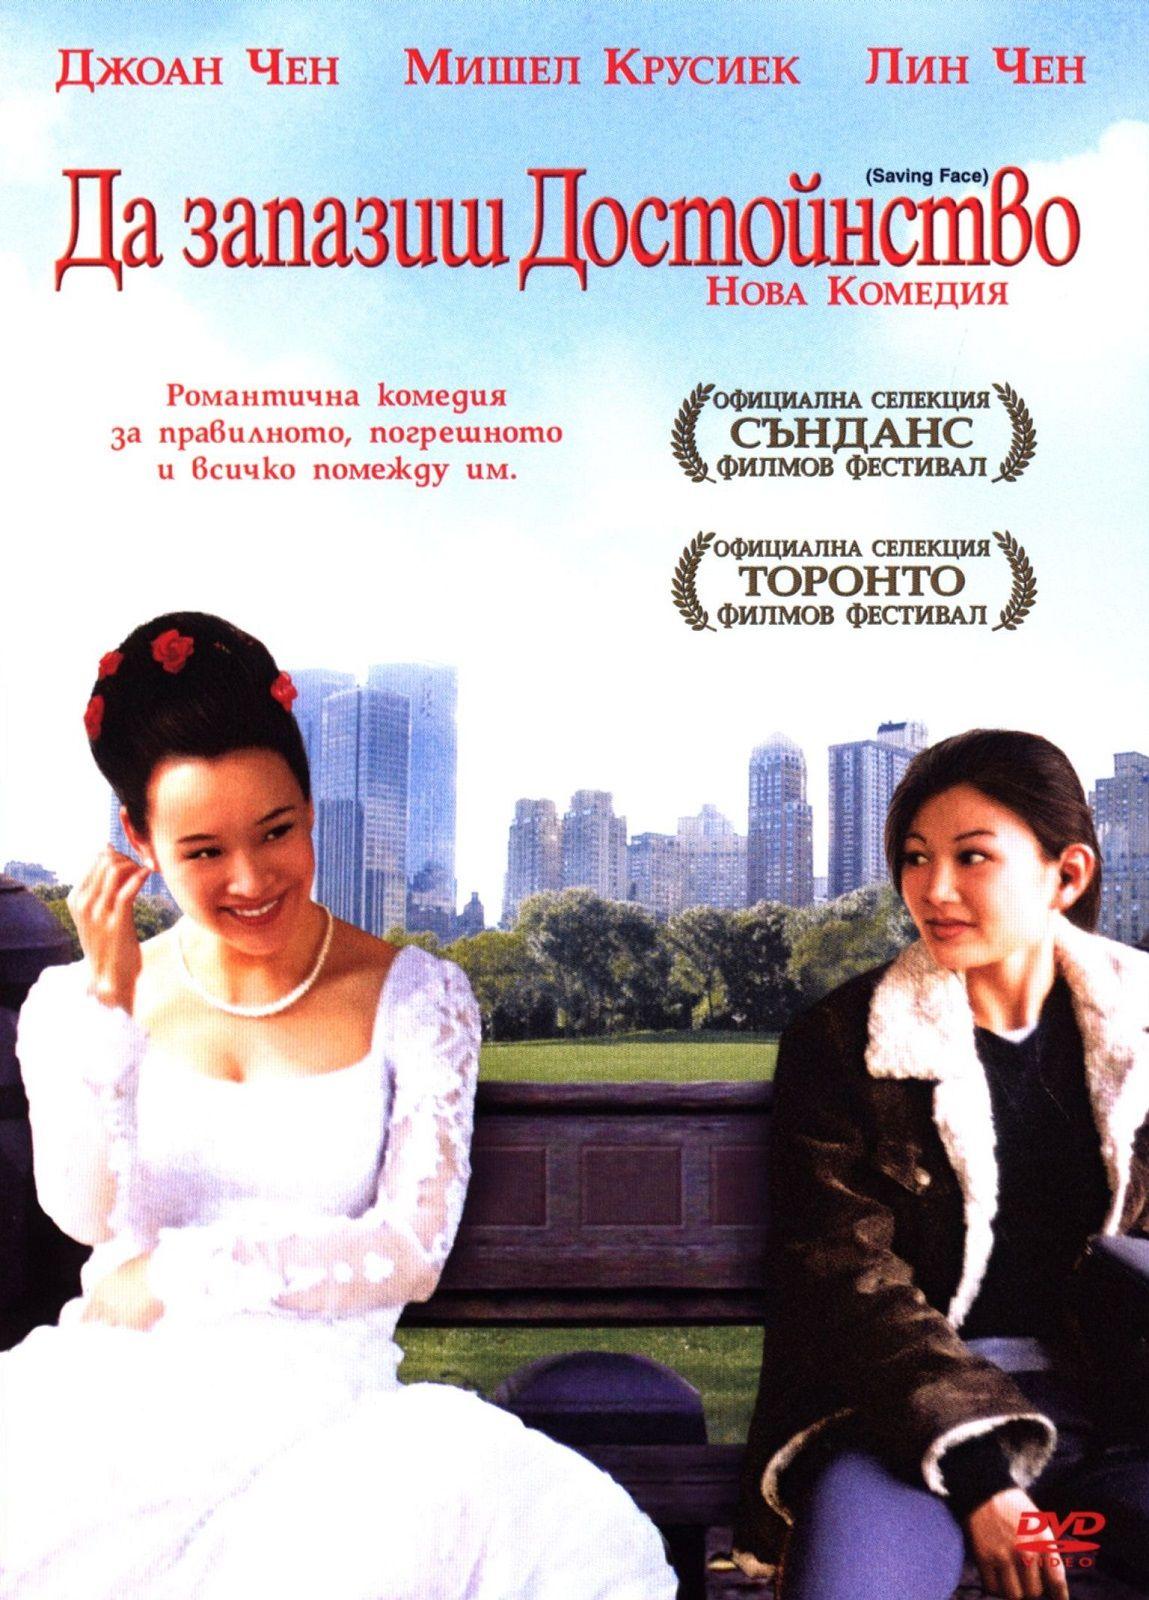 Да запазиш достойнство (DVD) - 1